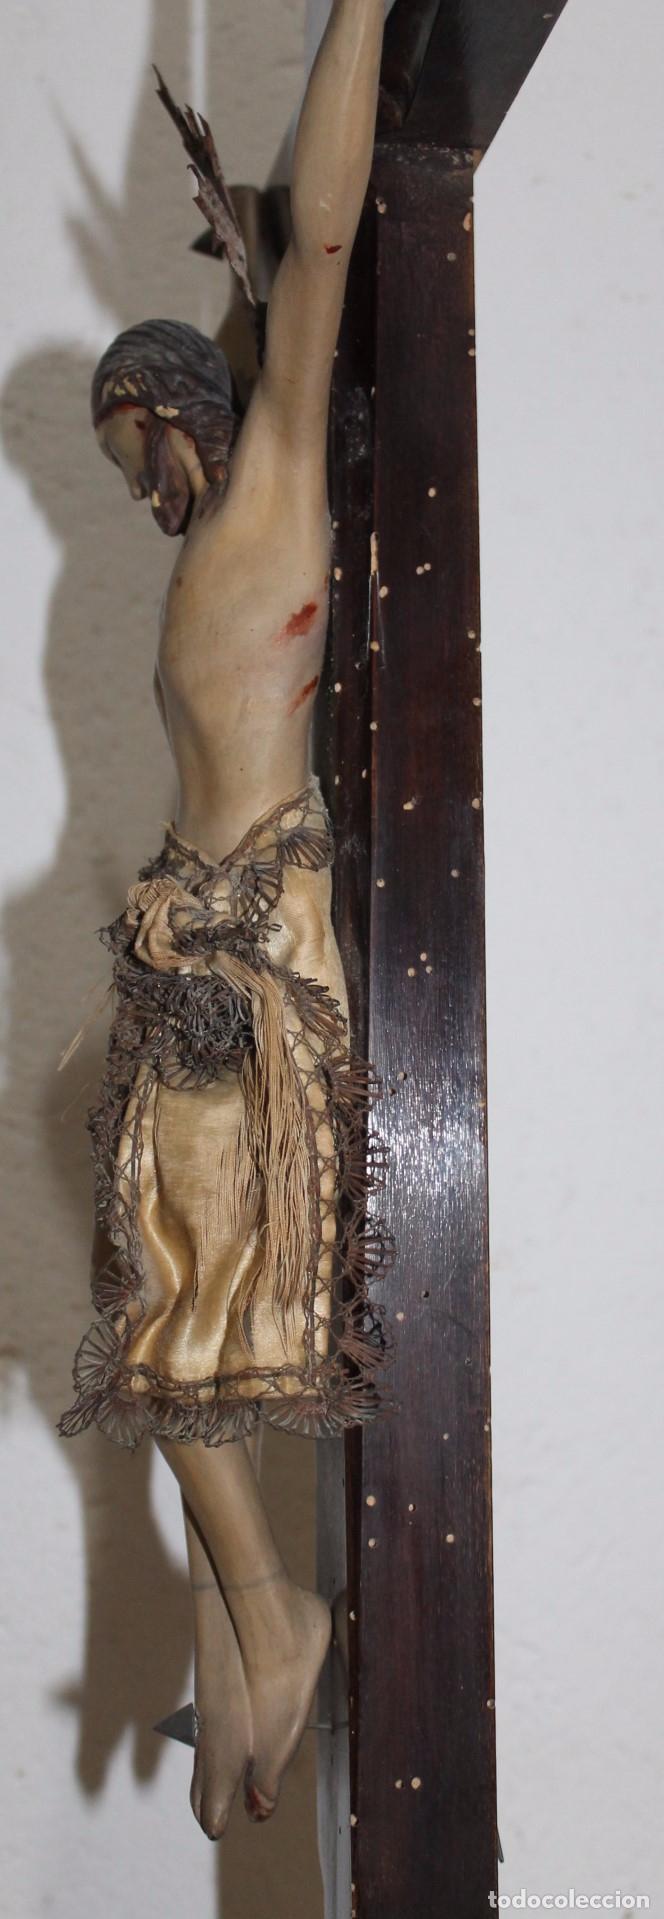 Arte: CRISTO ISABELINO EN TALLA DE MADERA POLICROMADA - CRUZ CON REMATES DORADOS - SIGLO XIX - Foto 13 - 180910910